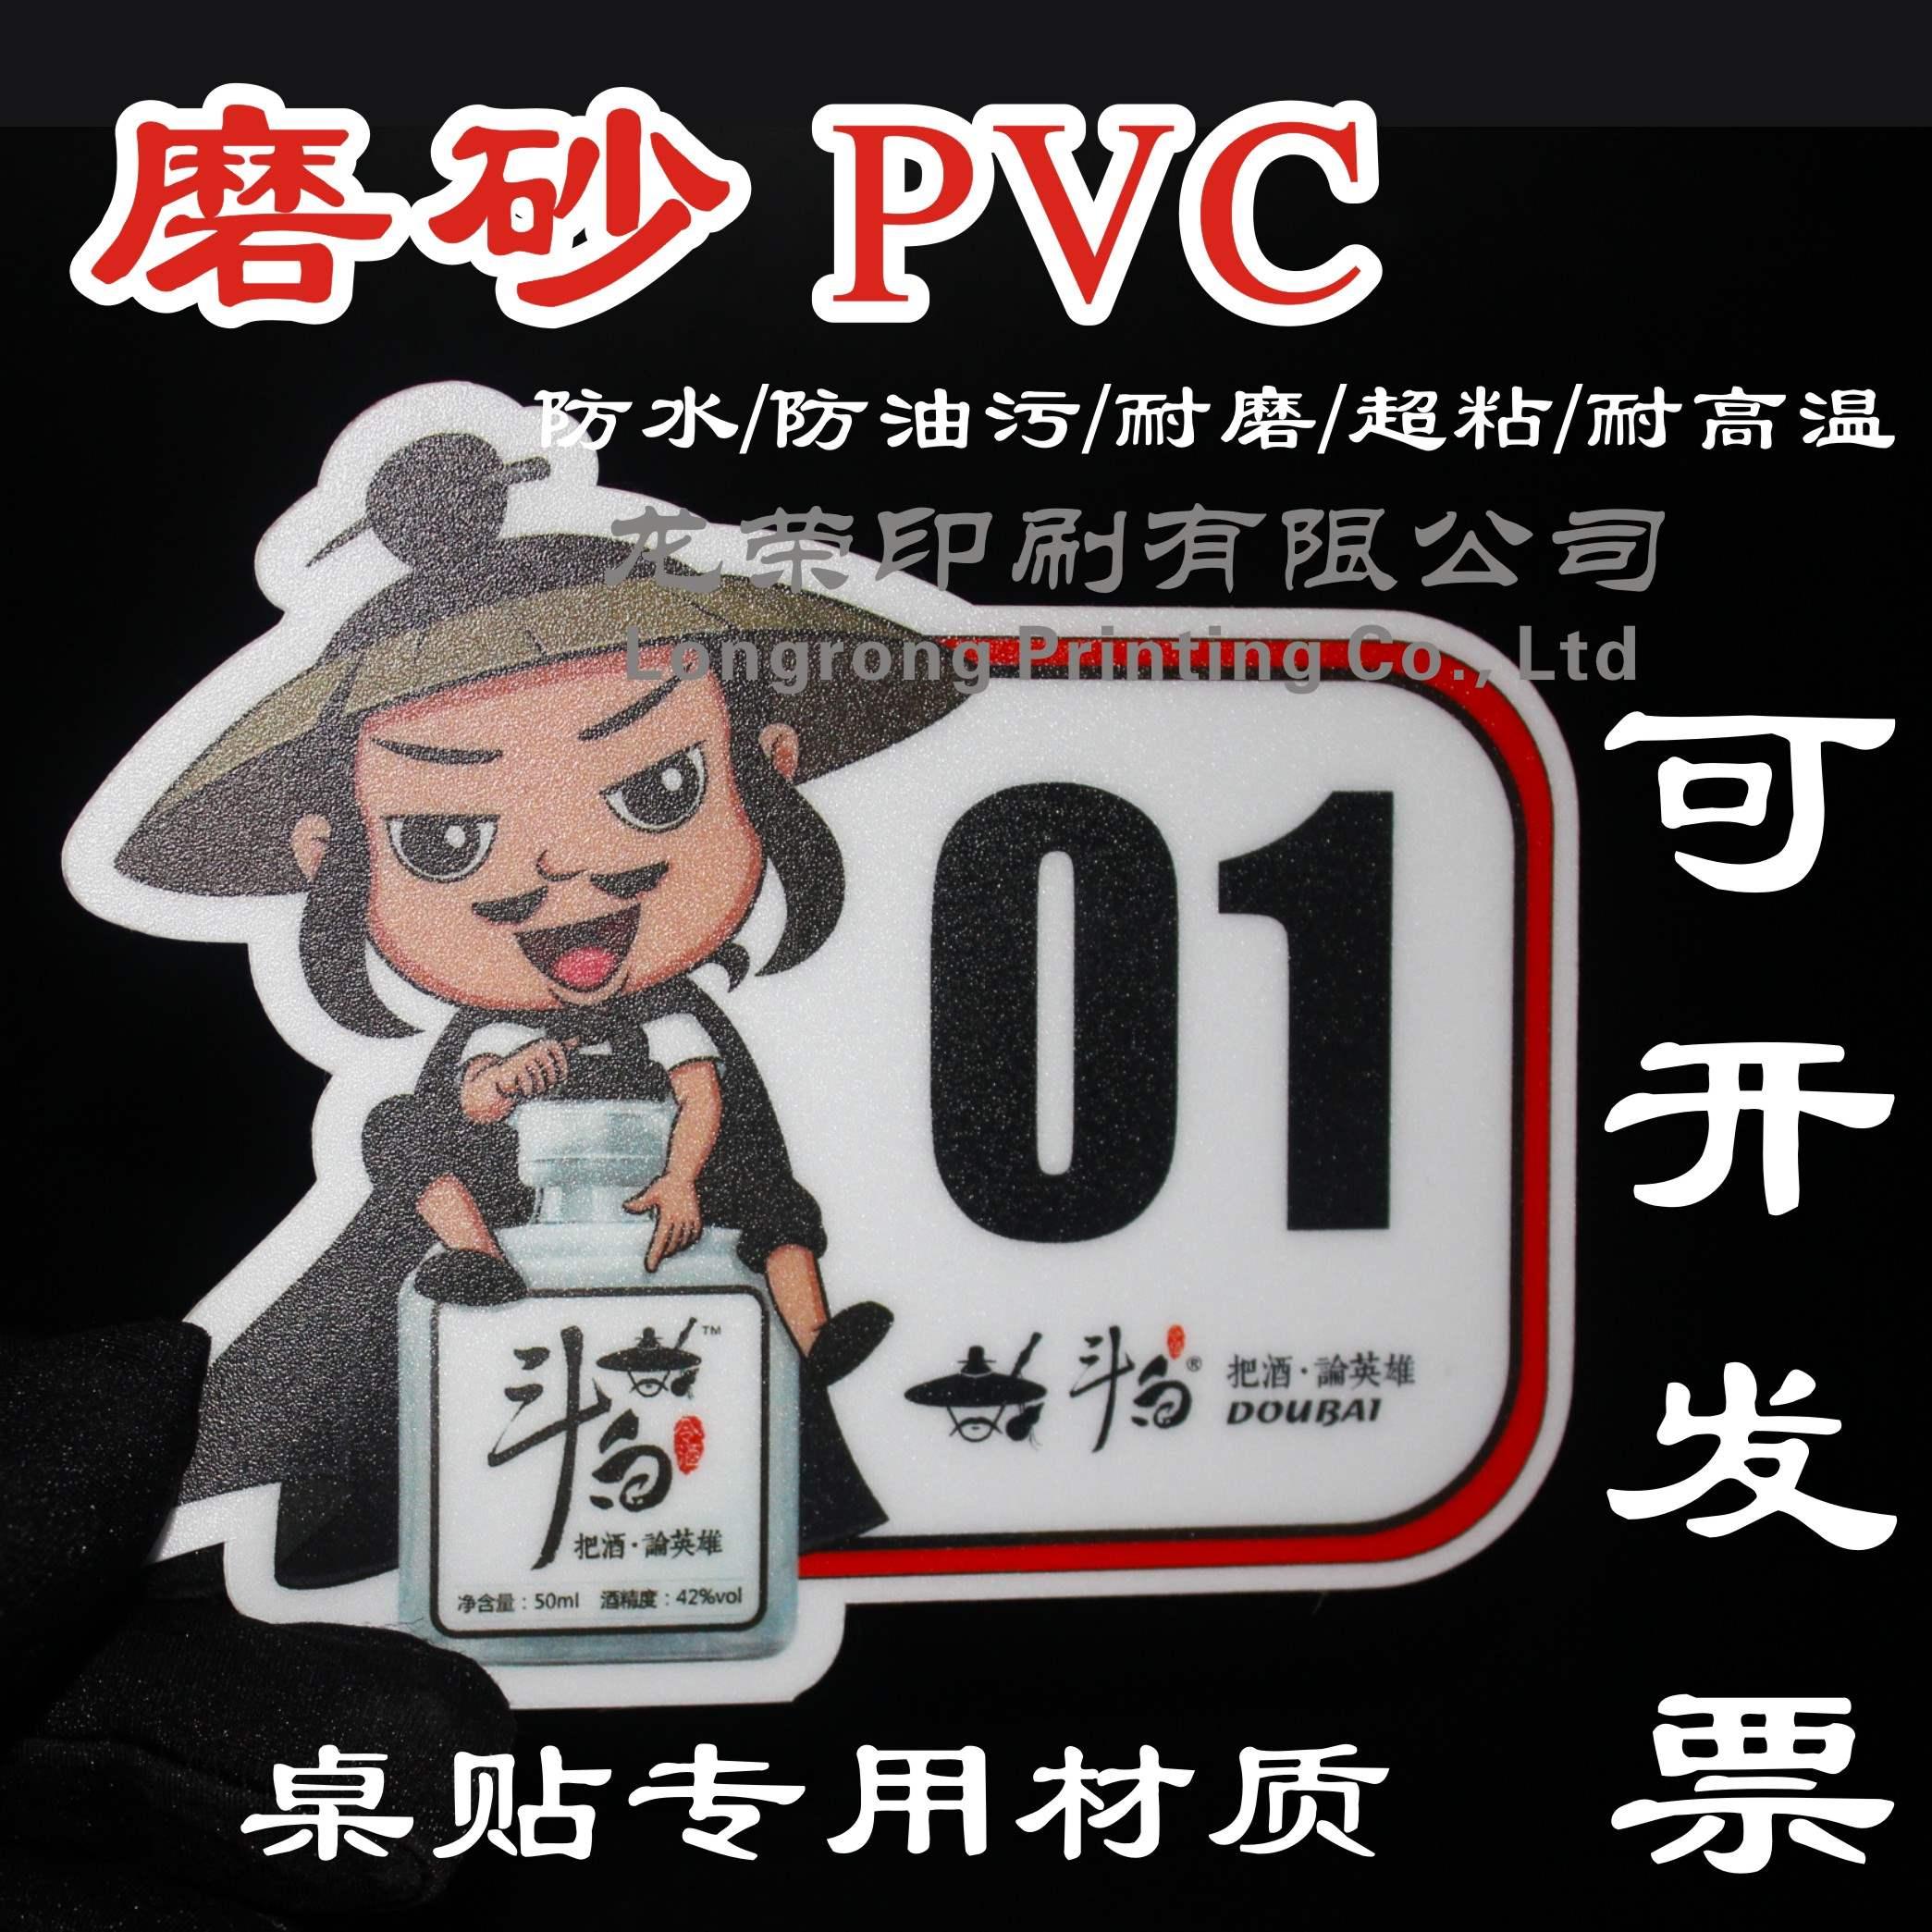 耐磨防水不干胶定做磨砂pvc片透明机器面板标签二维码+3m桌贴印刷